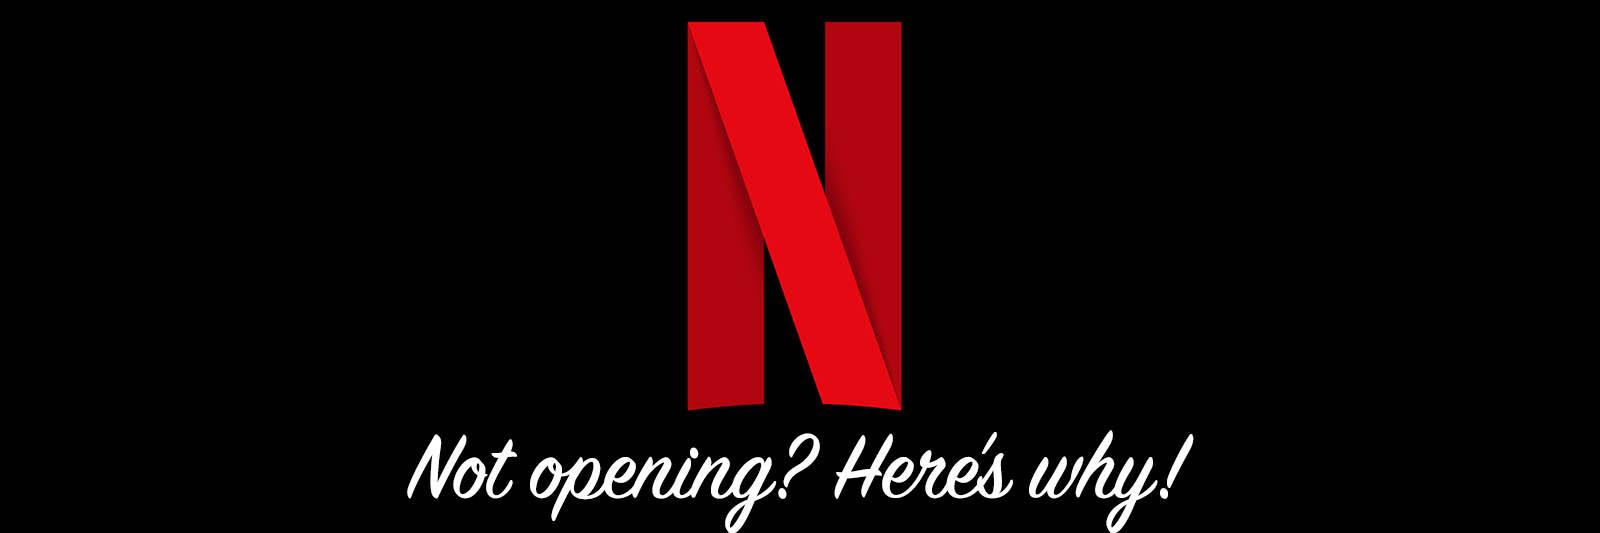 netflix-not-opening